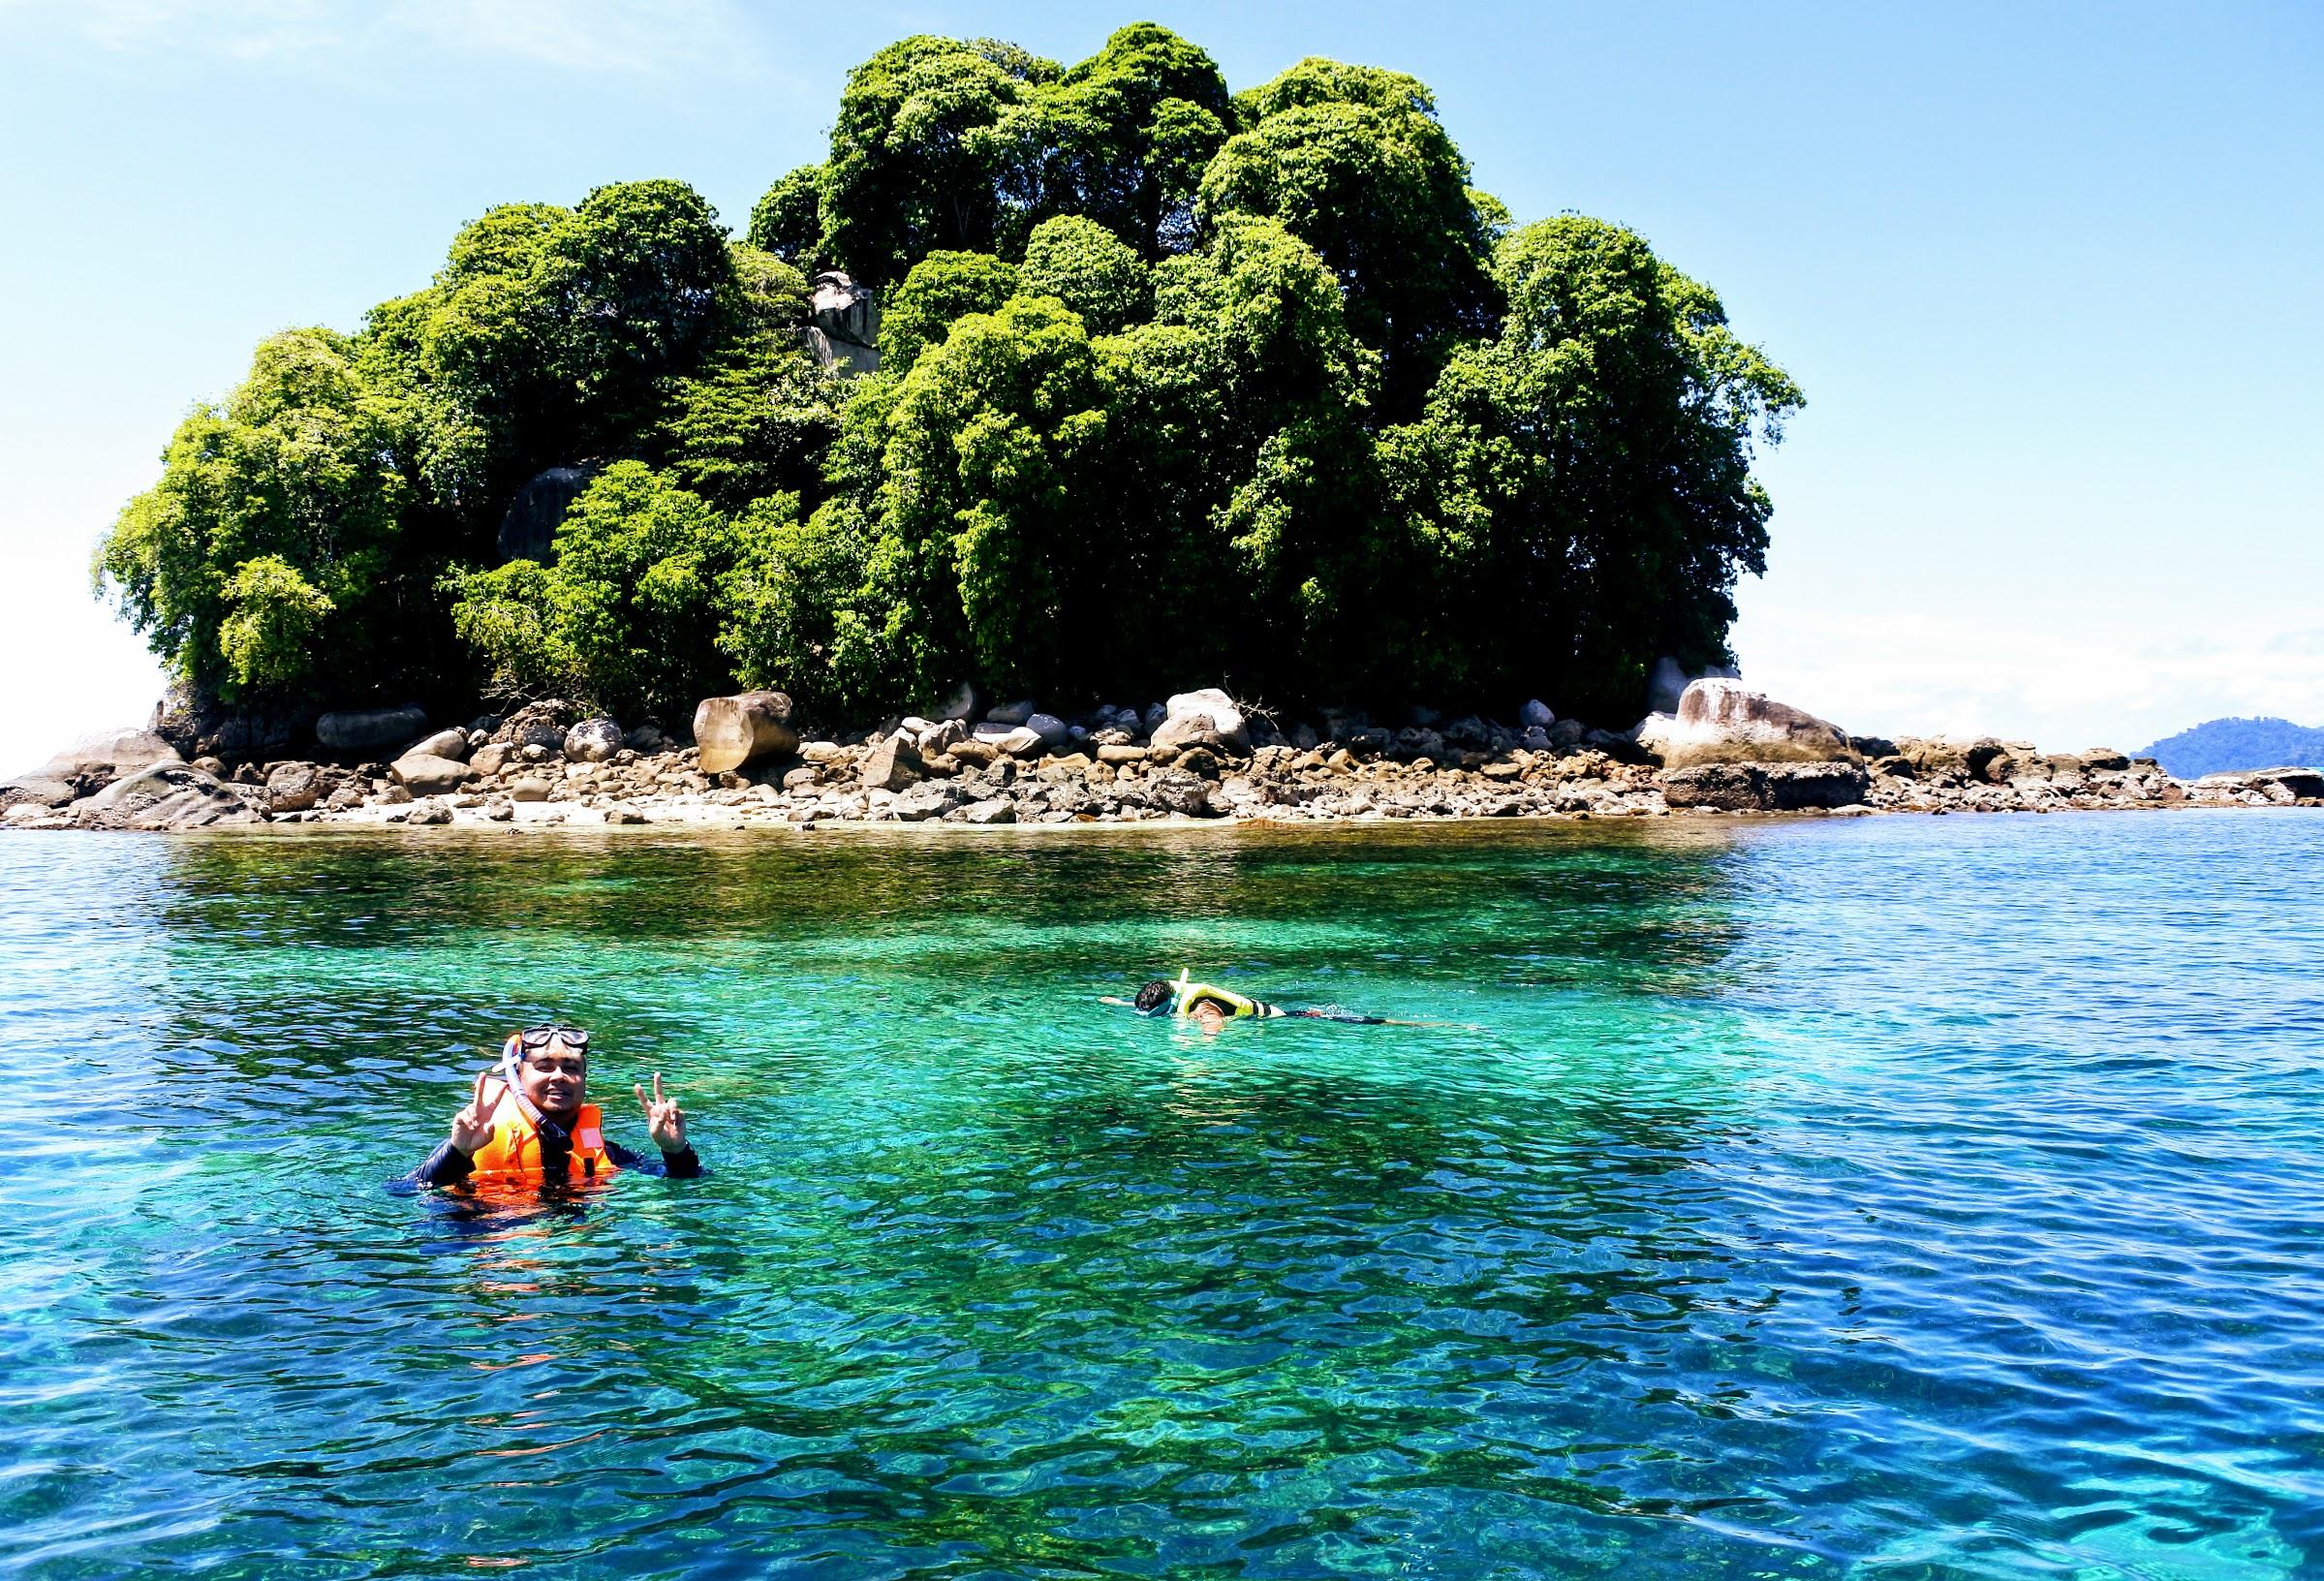 Snorkel at Pulau Renggis